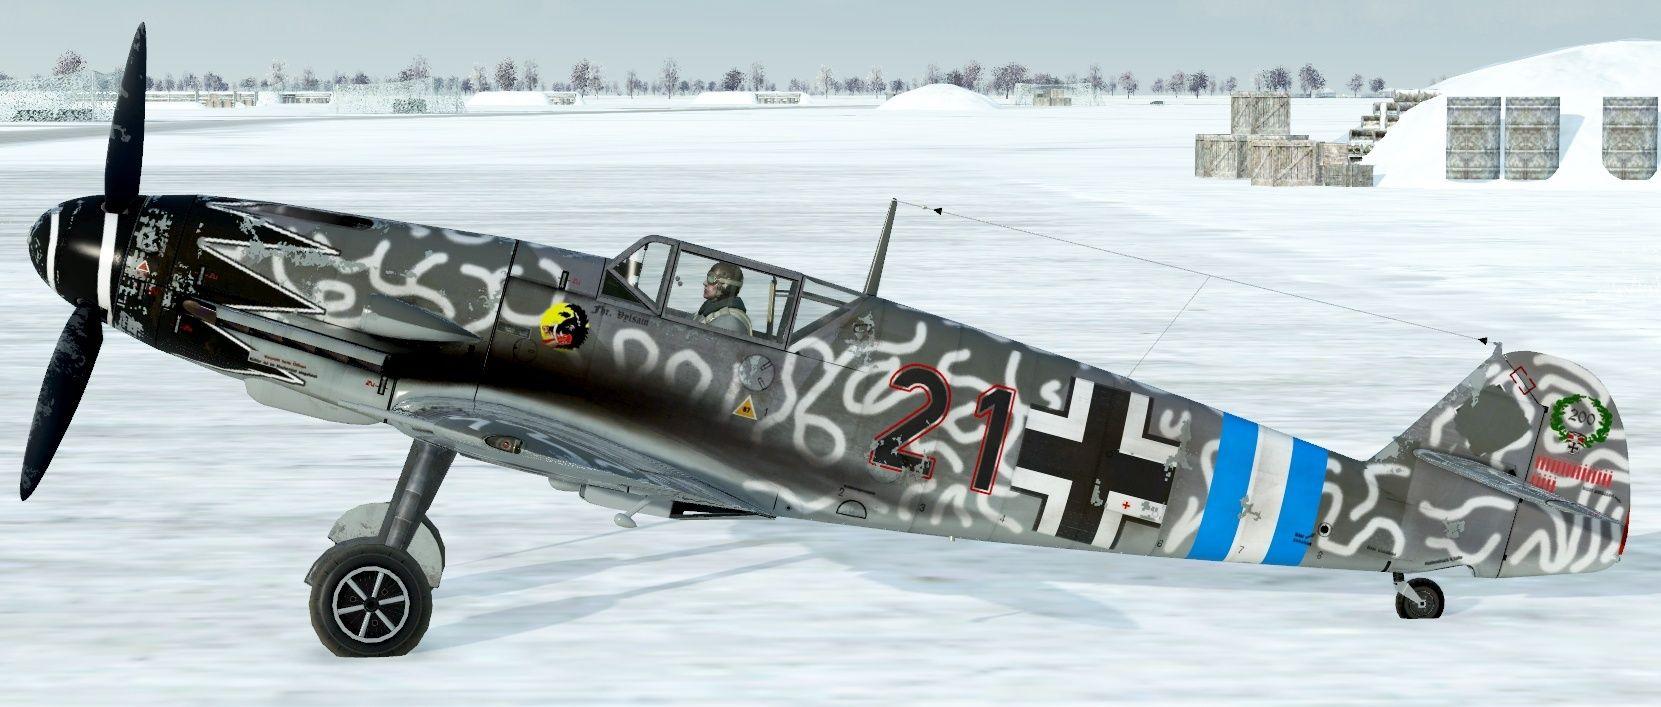 Livrée escadrille Jg300v12